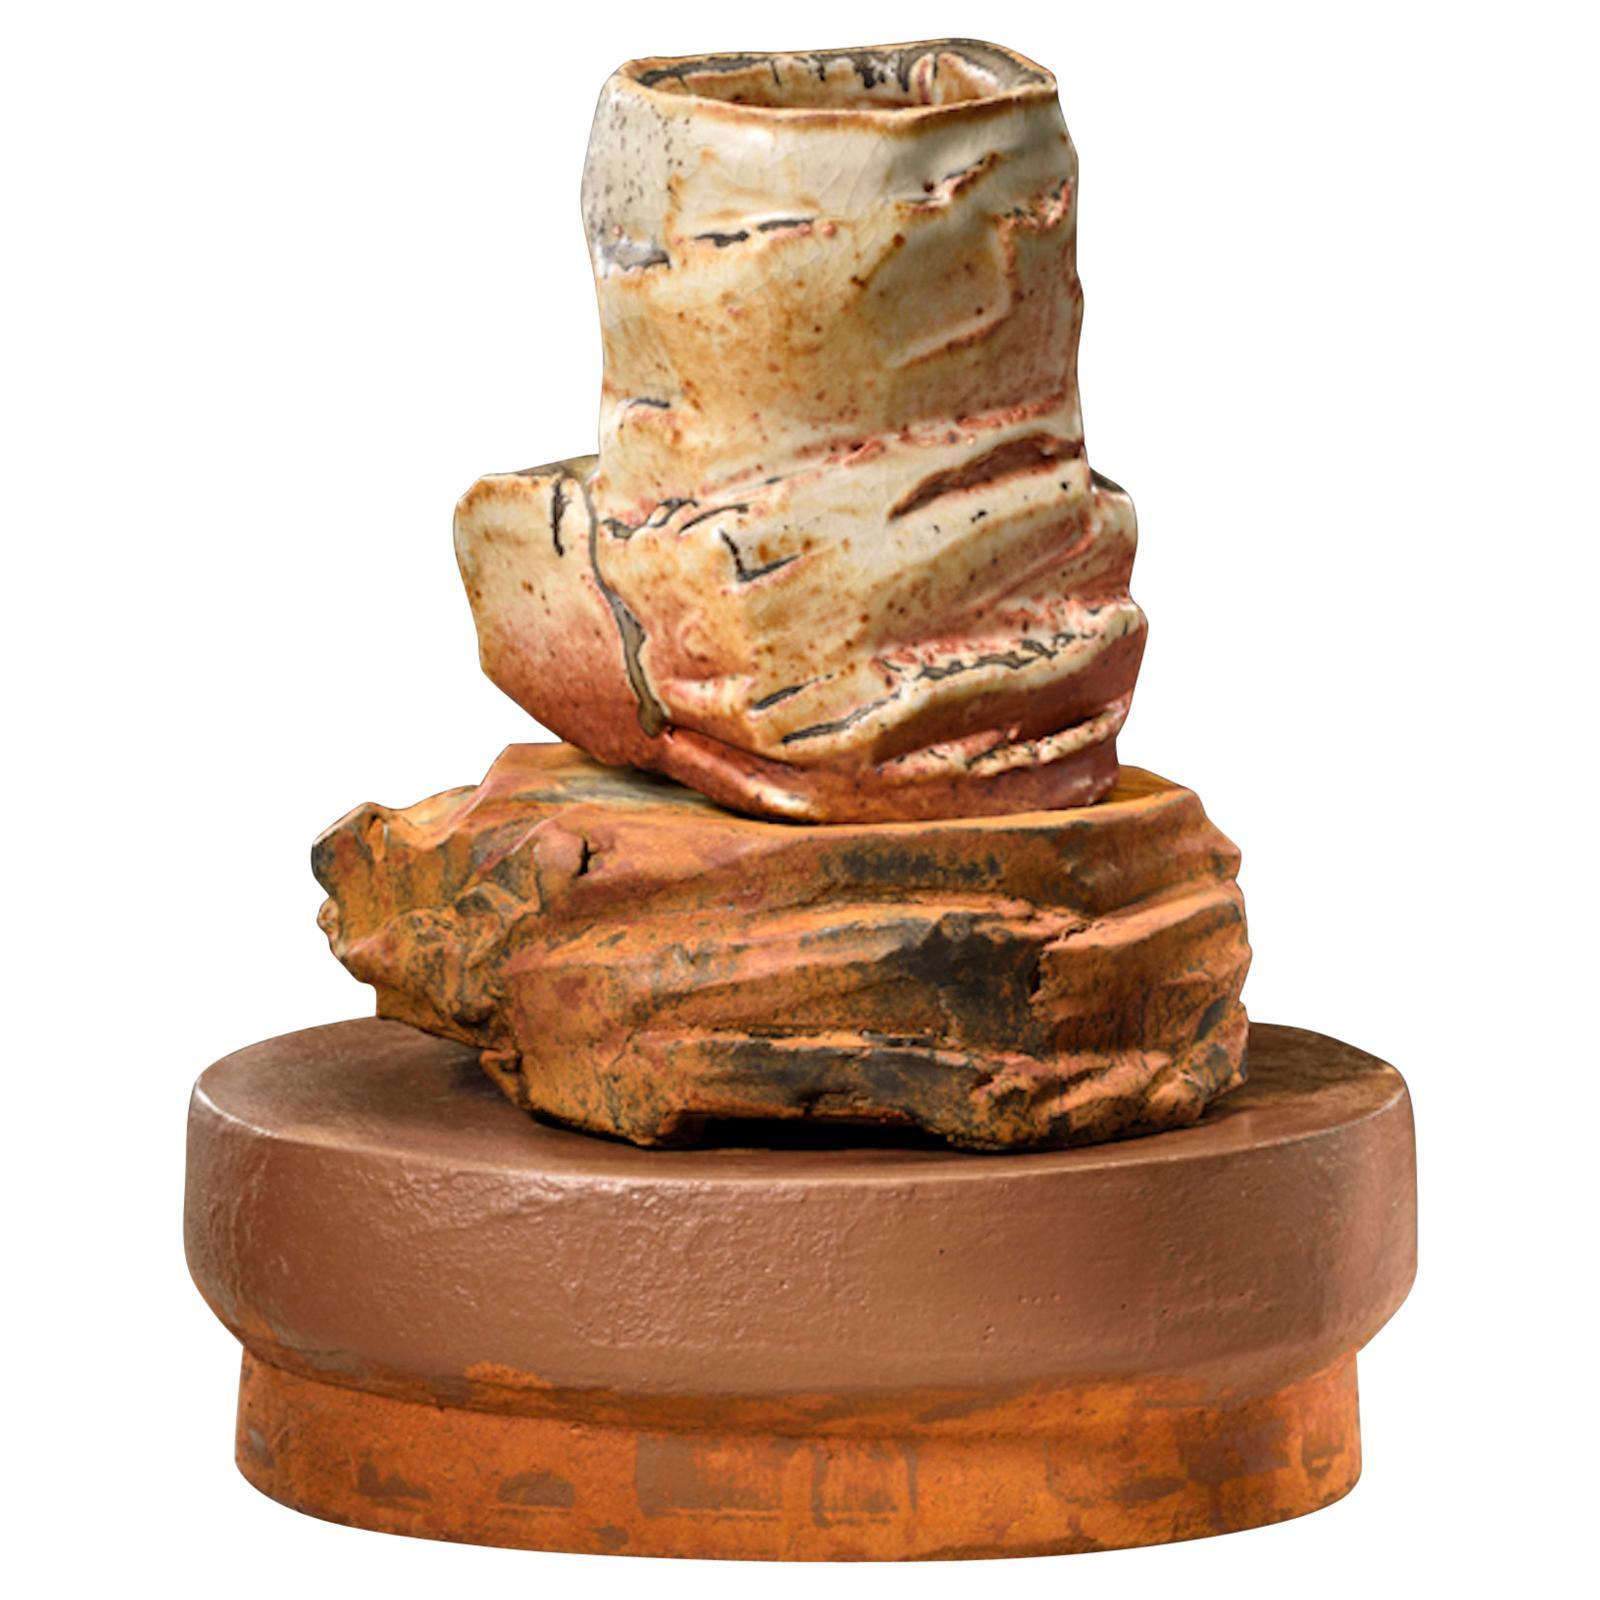 Richard Hirsch Ceramic Scholar Rock Cup Sculpture #19, 2016